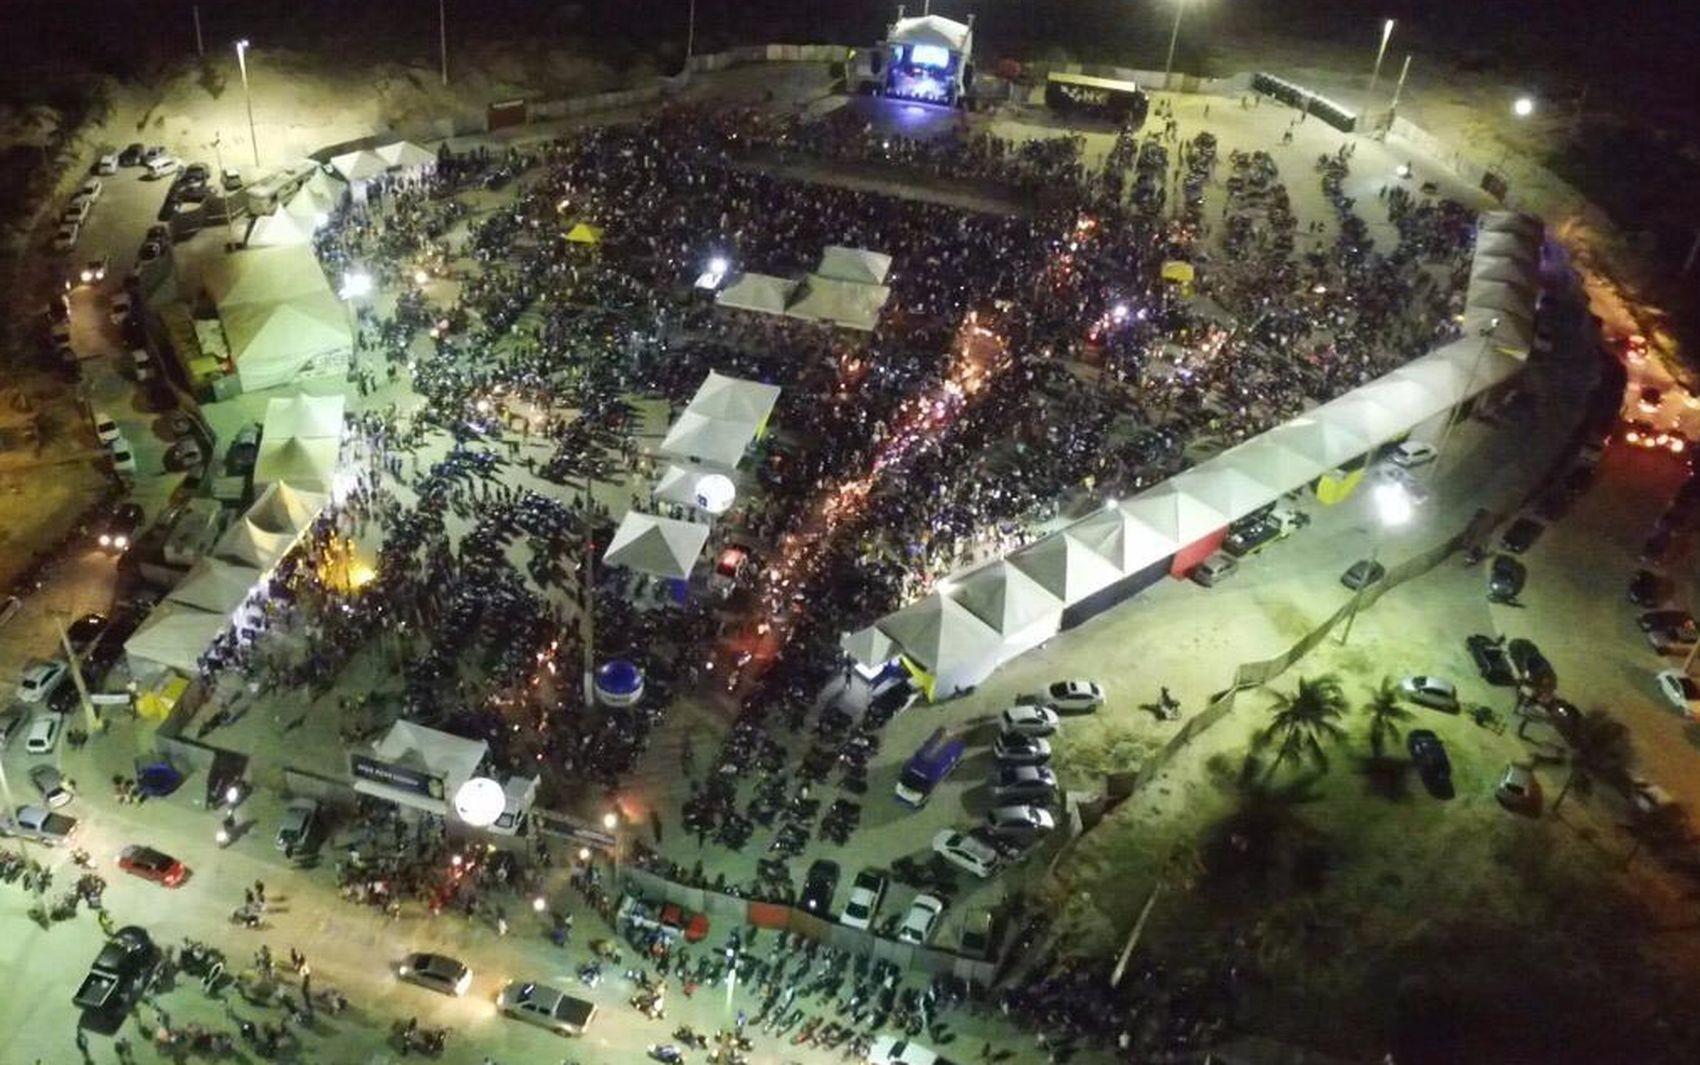 Moto Fest começa nesta quinta-feira em Aracaju - Notícias - Plantão Diário